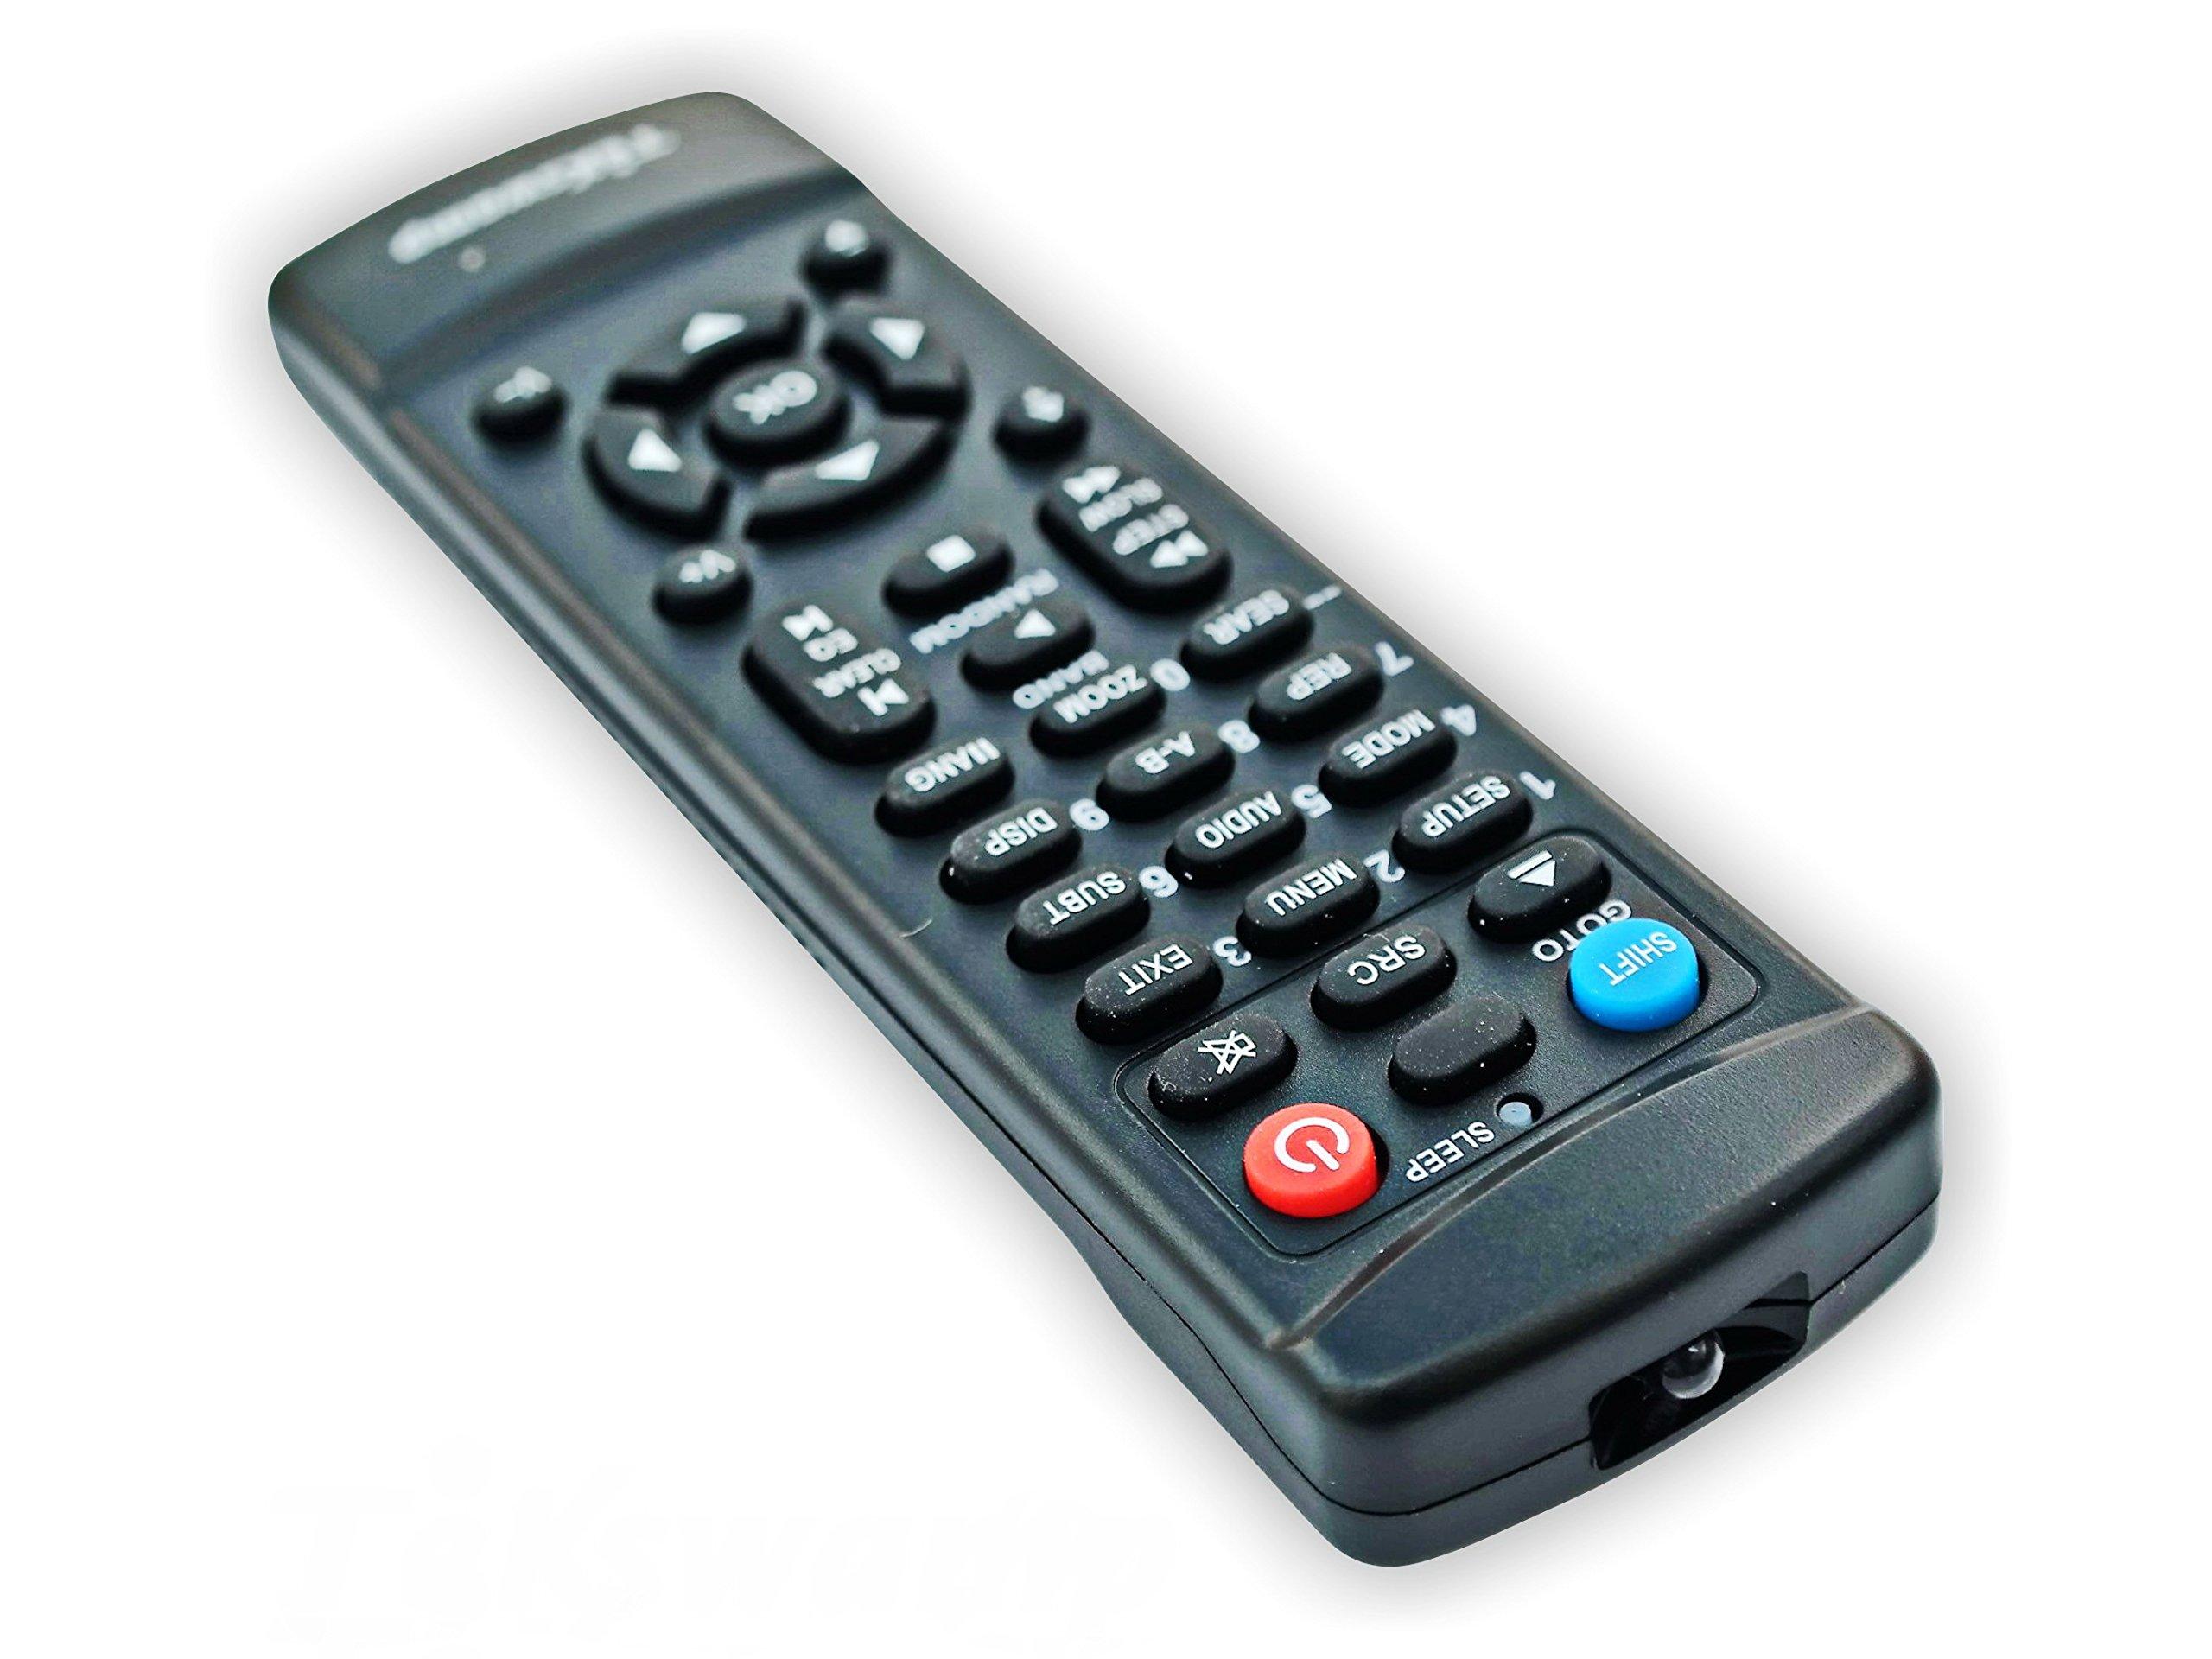 Remote Control for Bose SoundLink by Tekswamp by Tekswamp (Image #3)